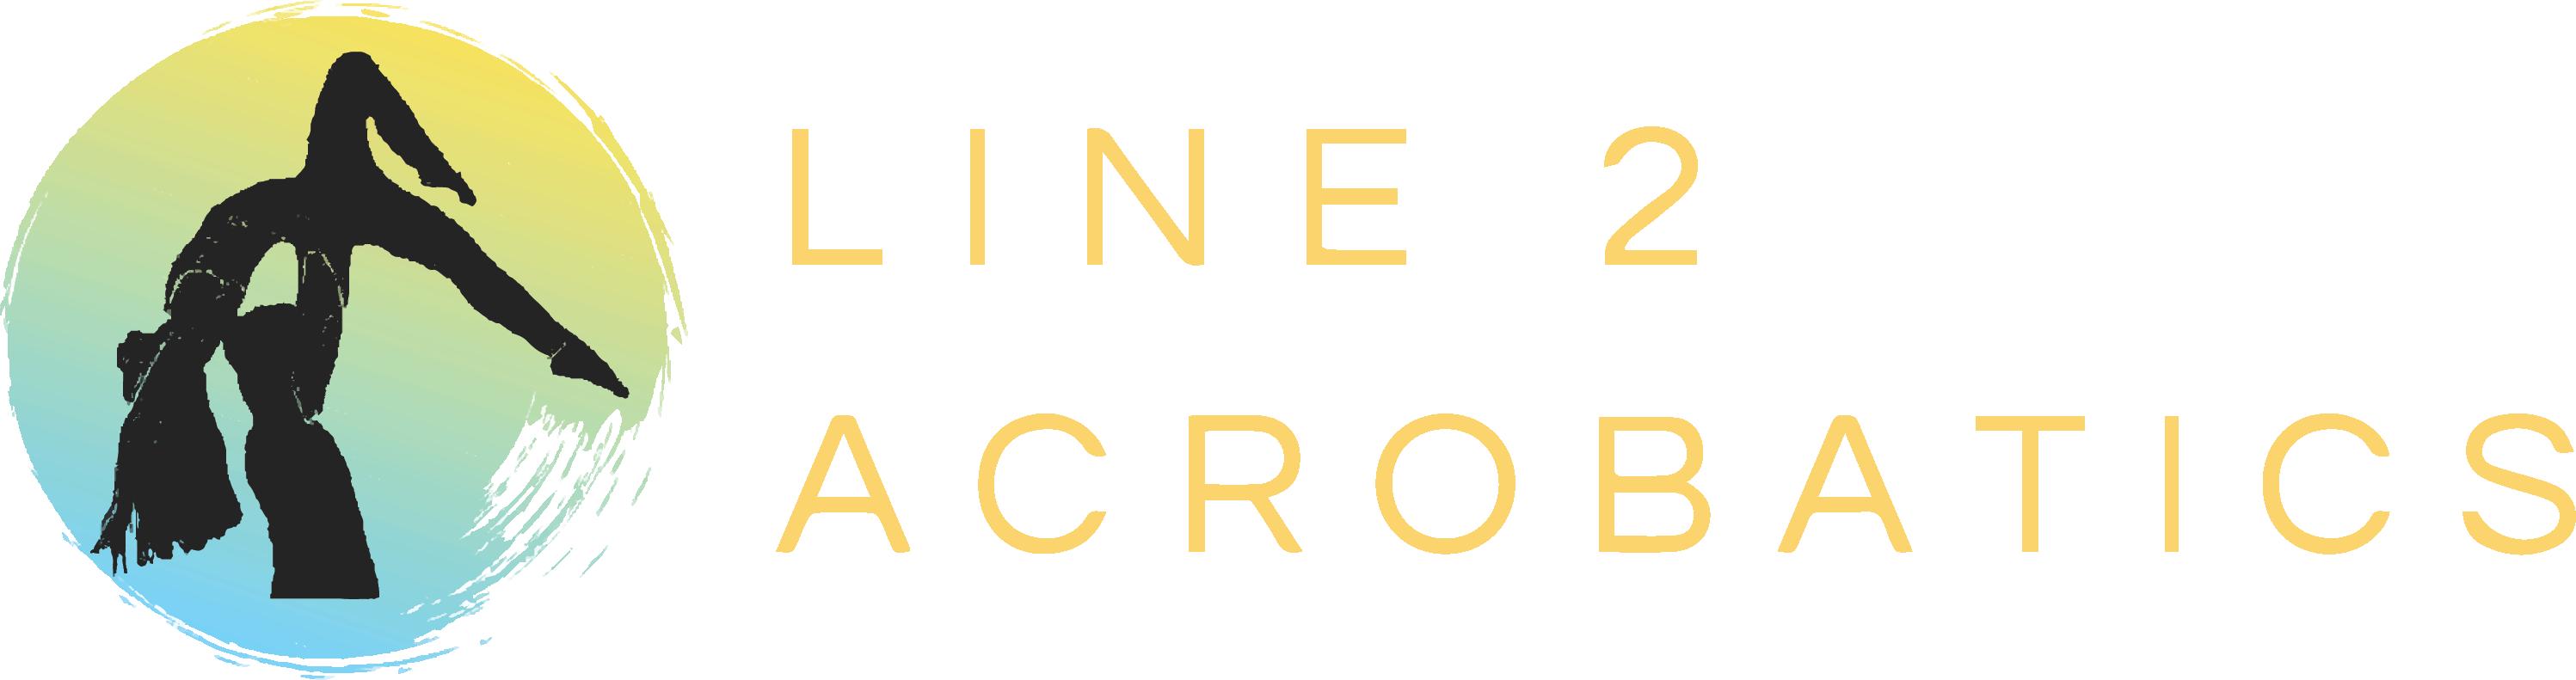 Line 2 Acrobatics